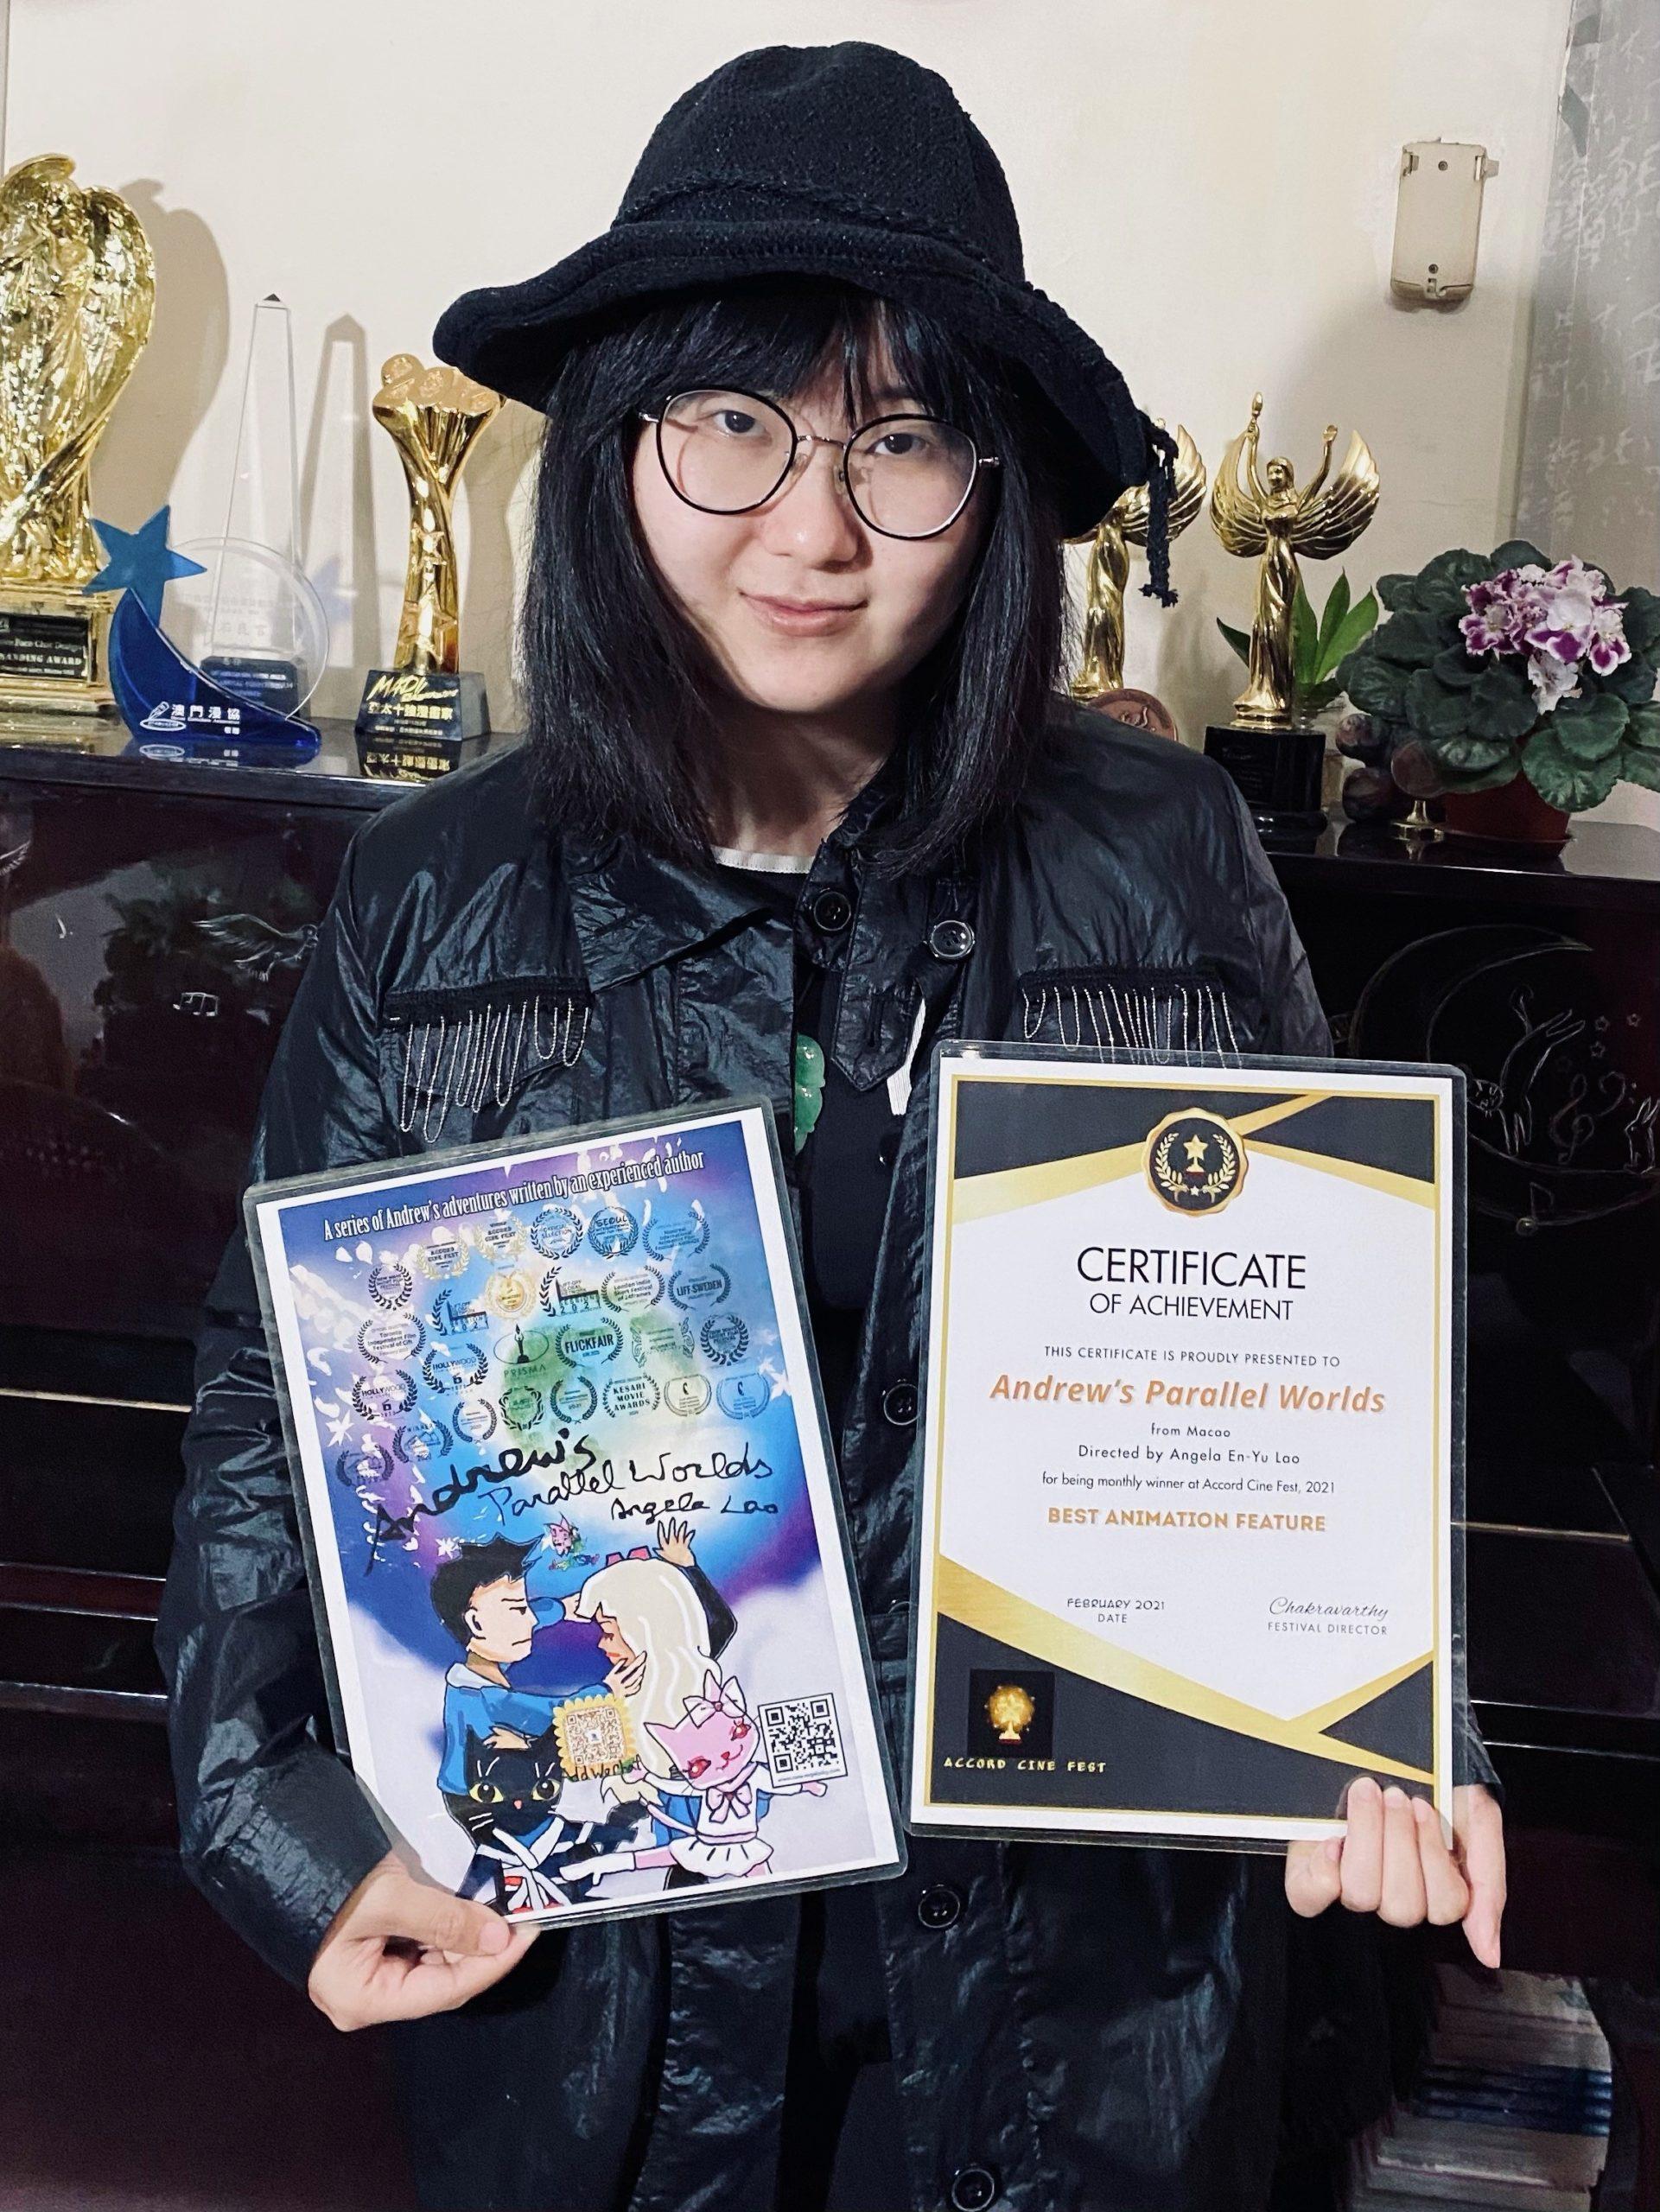 IPM | Série de animação de Angela Lao vence prémios internacionais